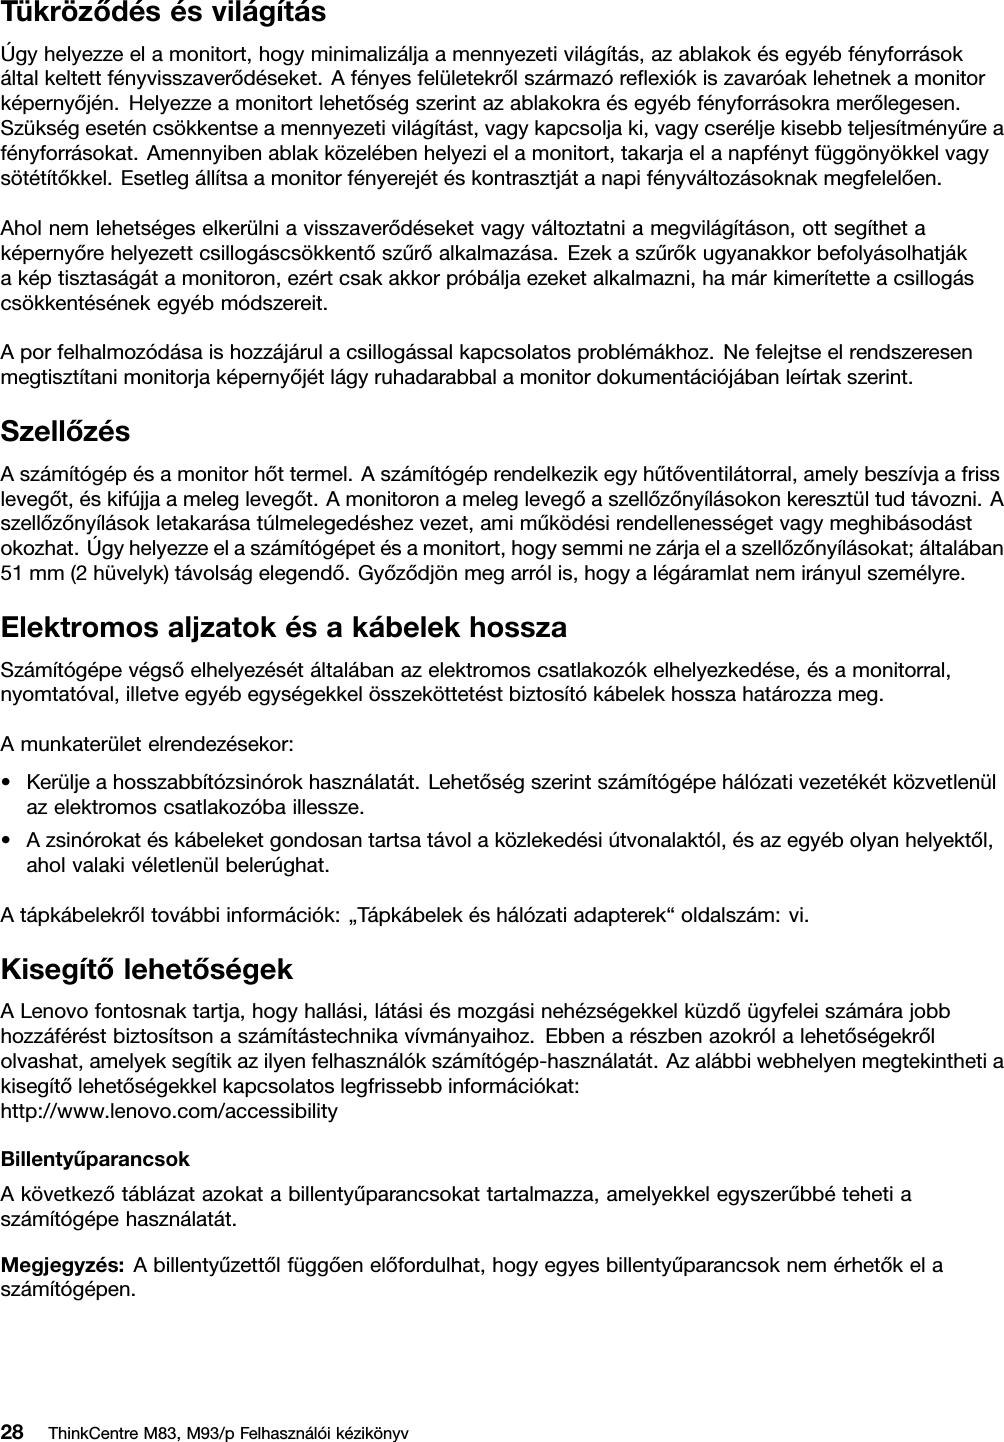 Sivtsev online látásvizsgálatának táblázata